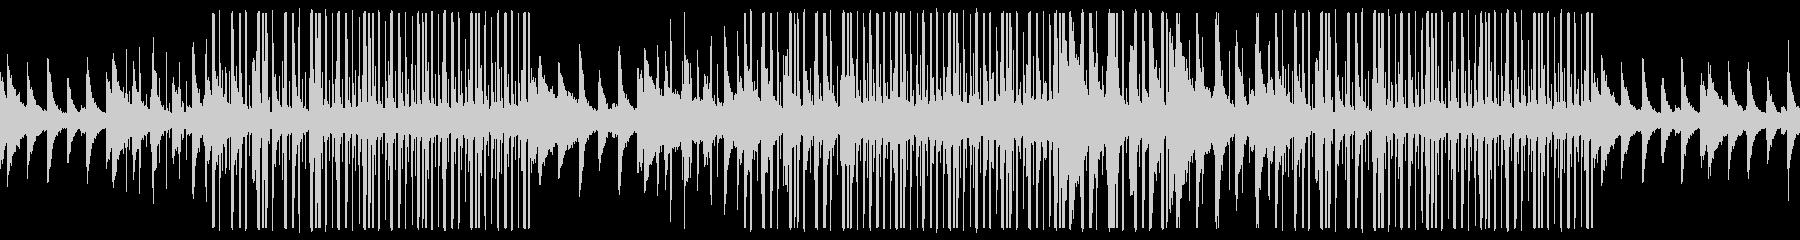 幻想的なチェロ、ローファイチルアウト音楽の未再生の波形